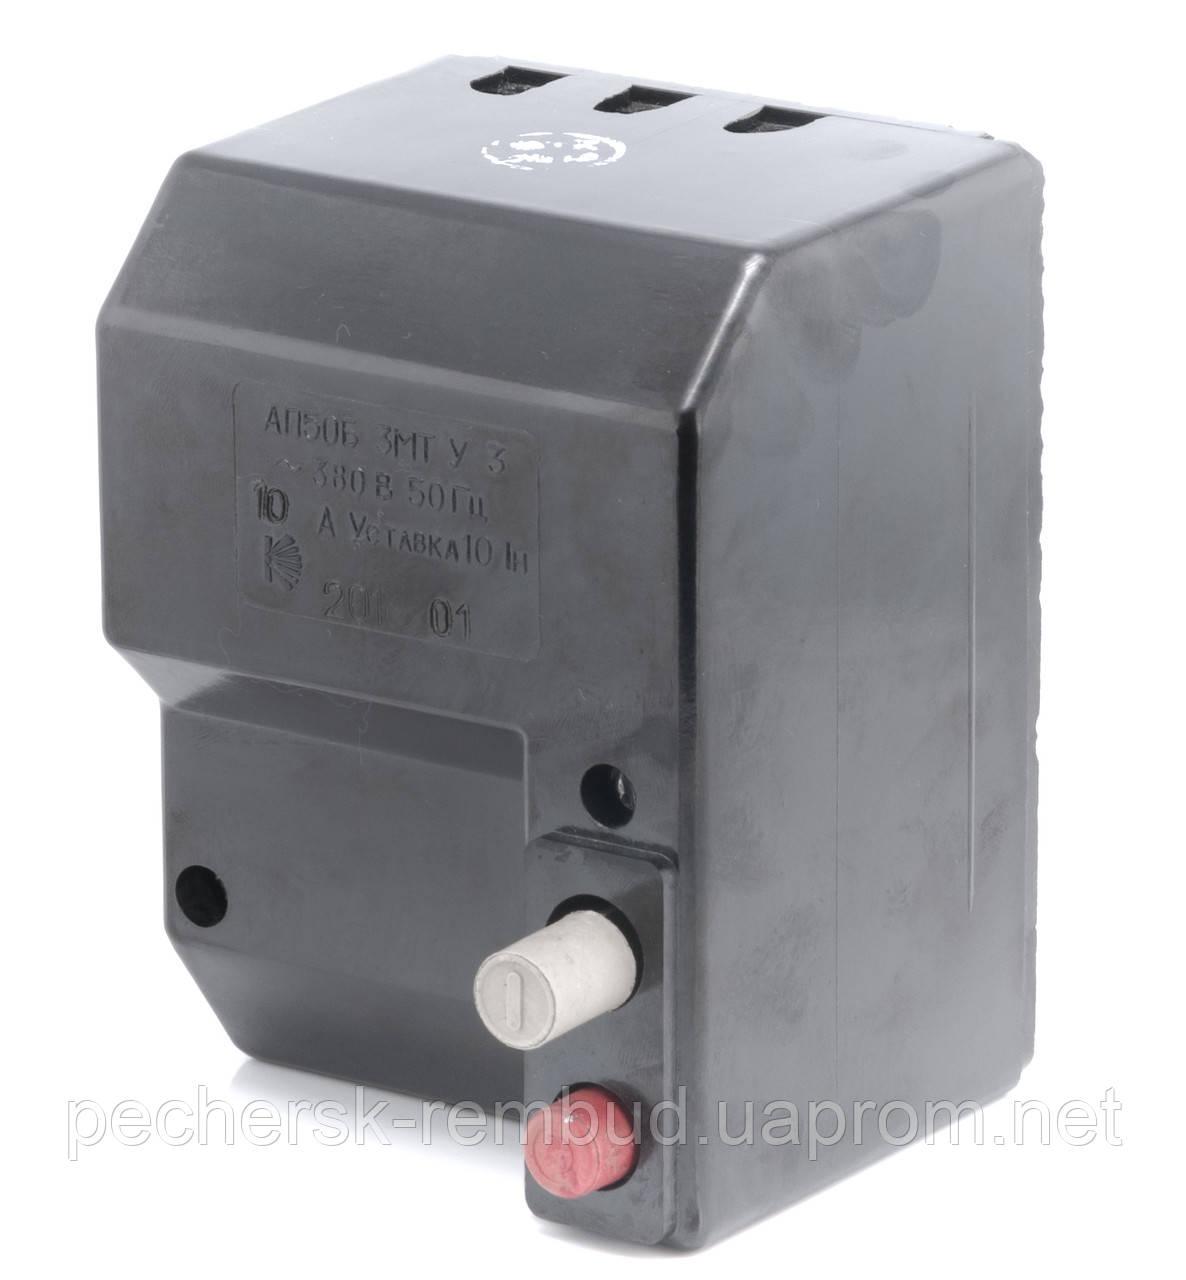 Автоматический выключатель  АП 50 3МТ 63А